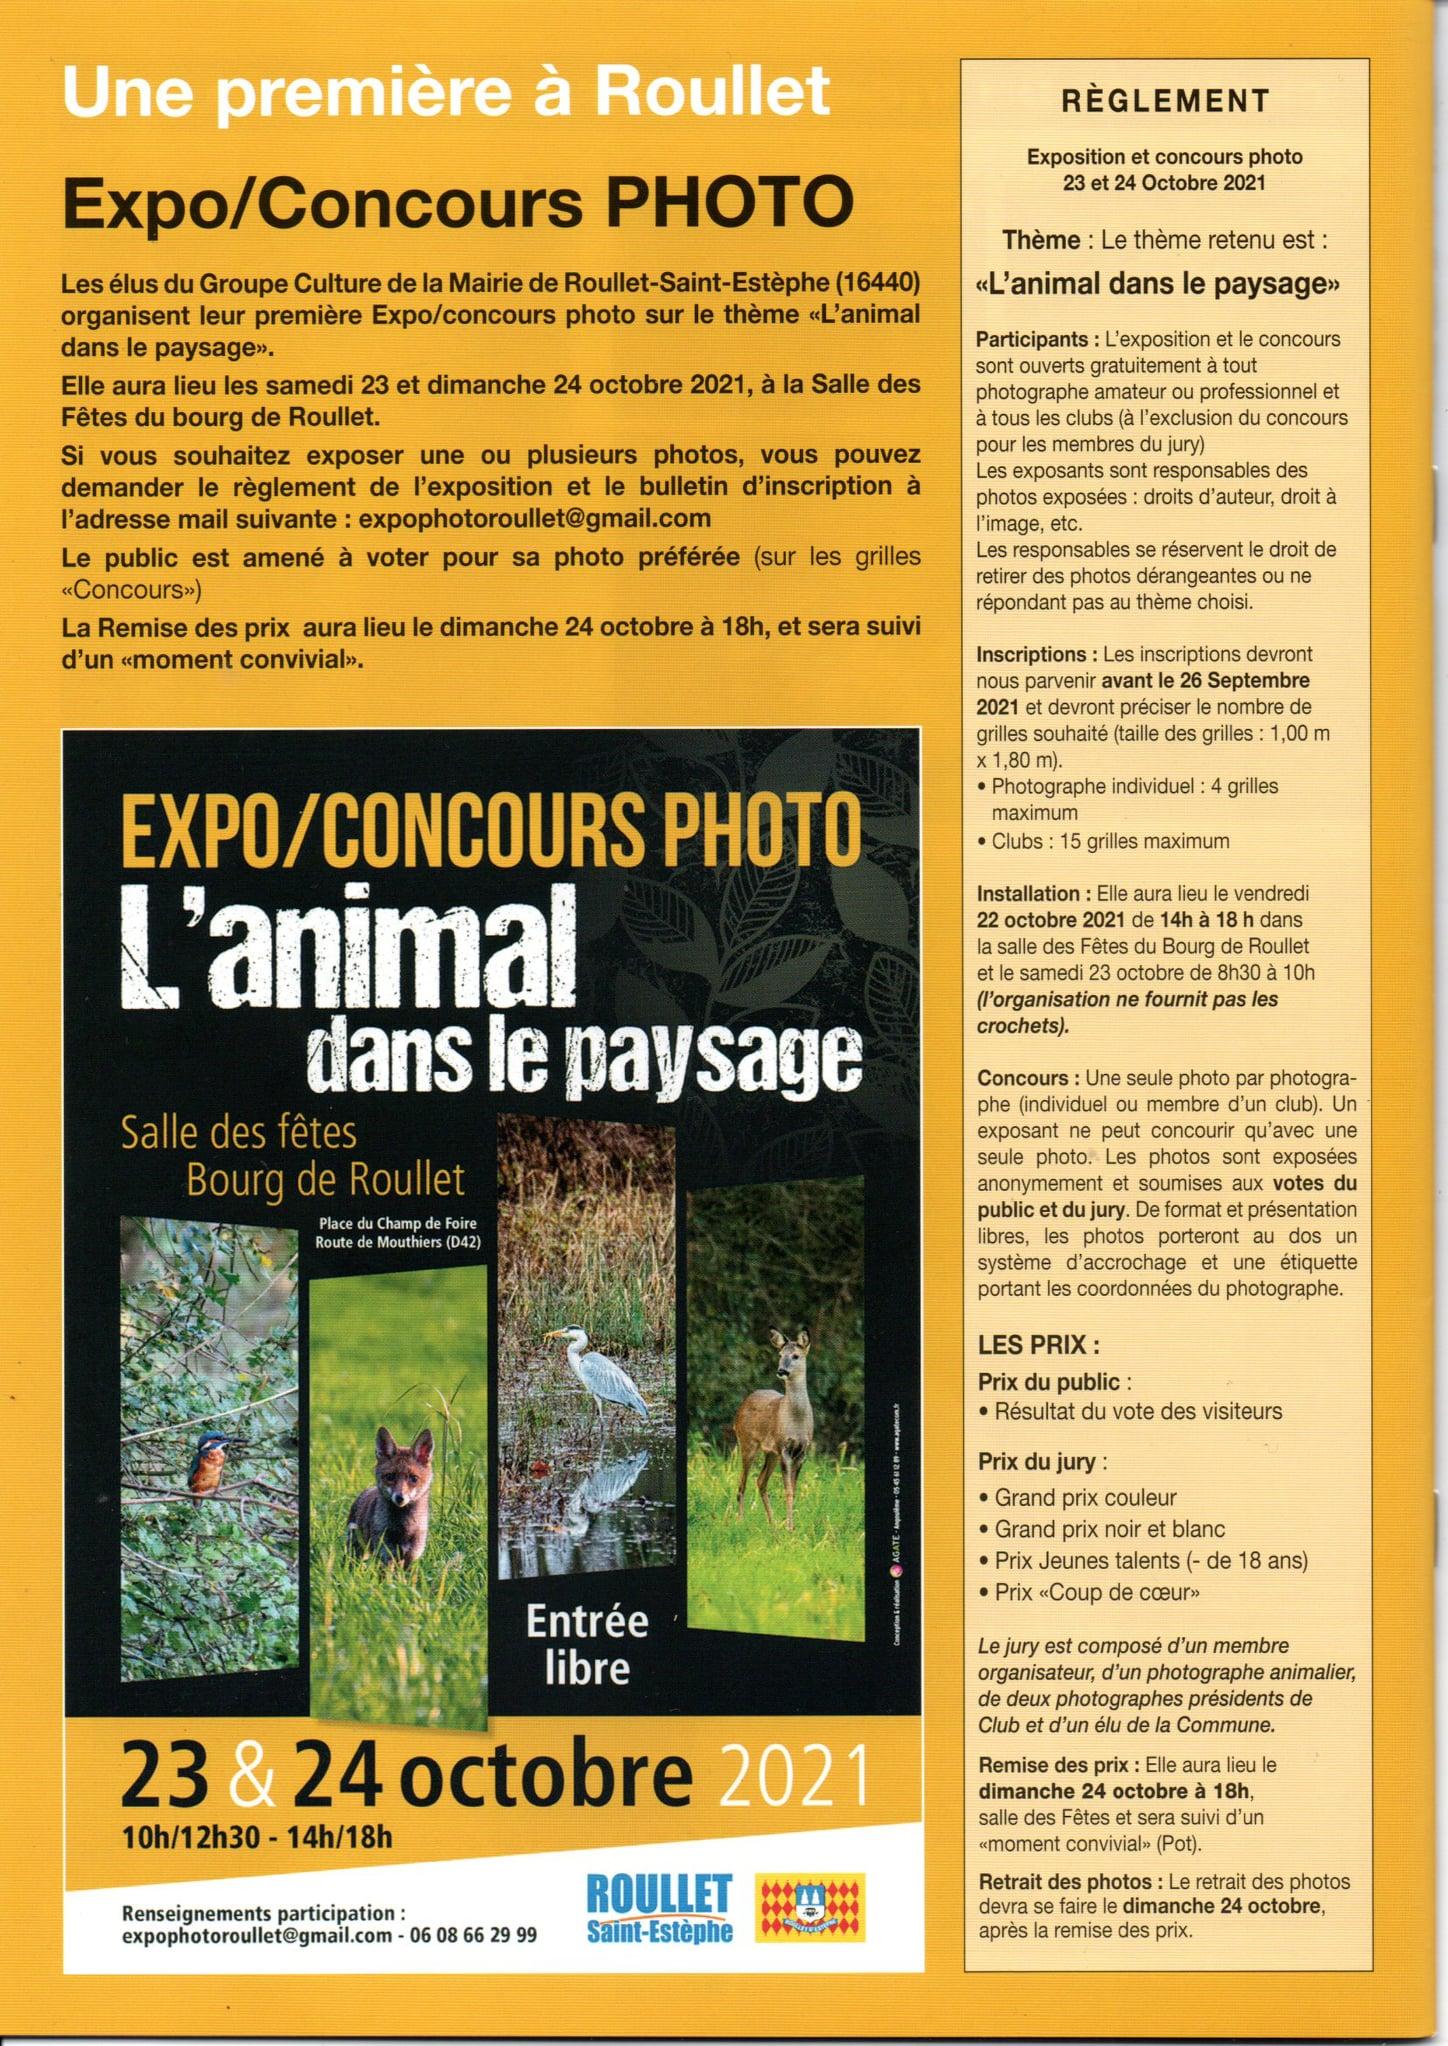 L'animal dans le paysage, affiche de l'Exposition concours organisé à Roullet les 23 et 24 octobre